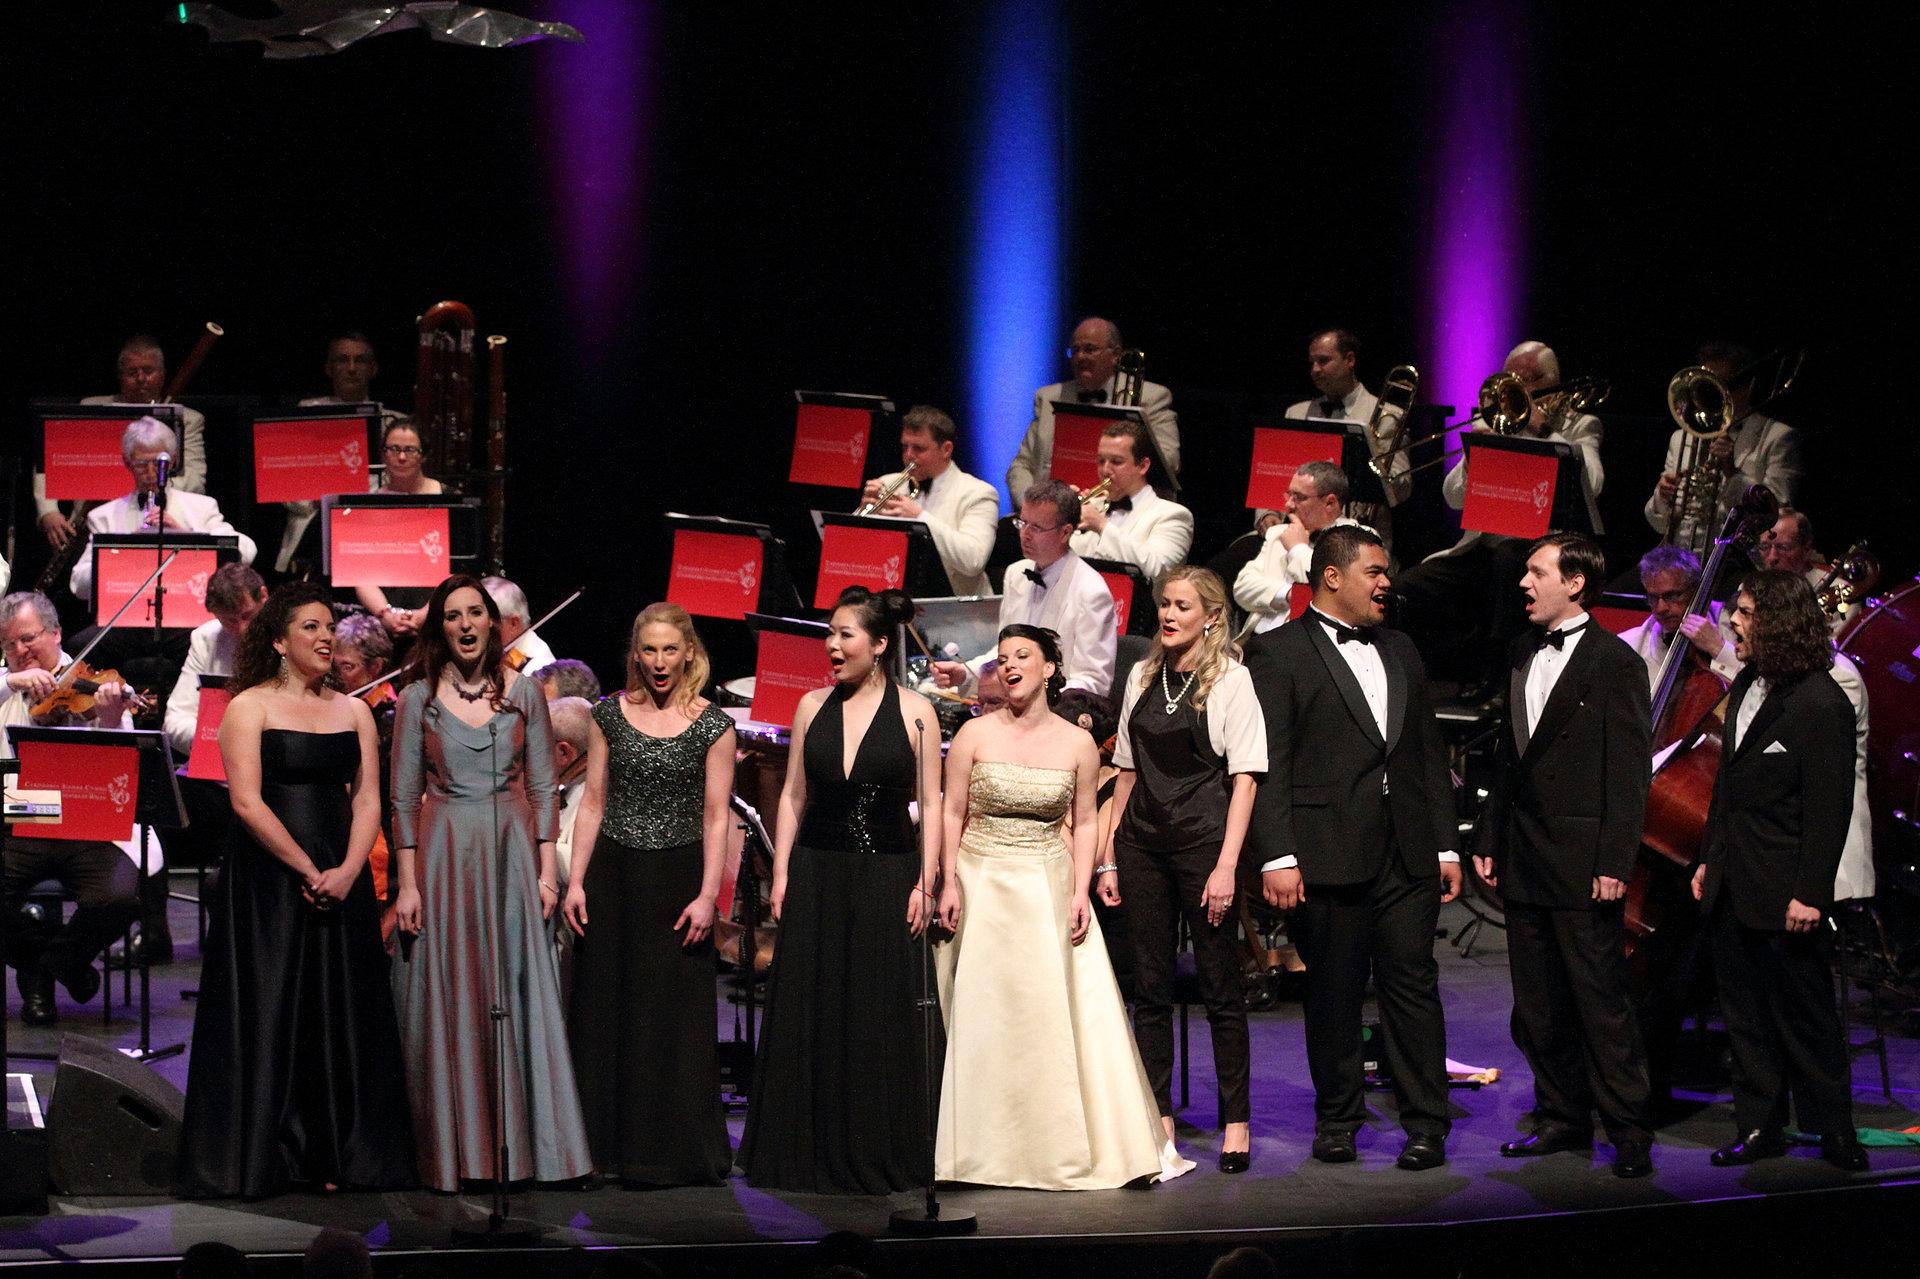 Wales Millenium Centre Gala 2012